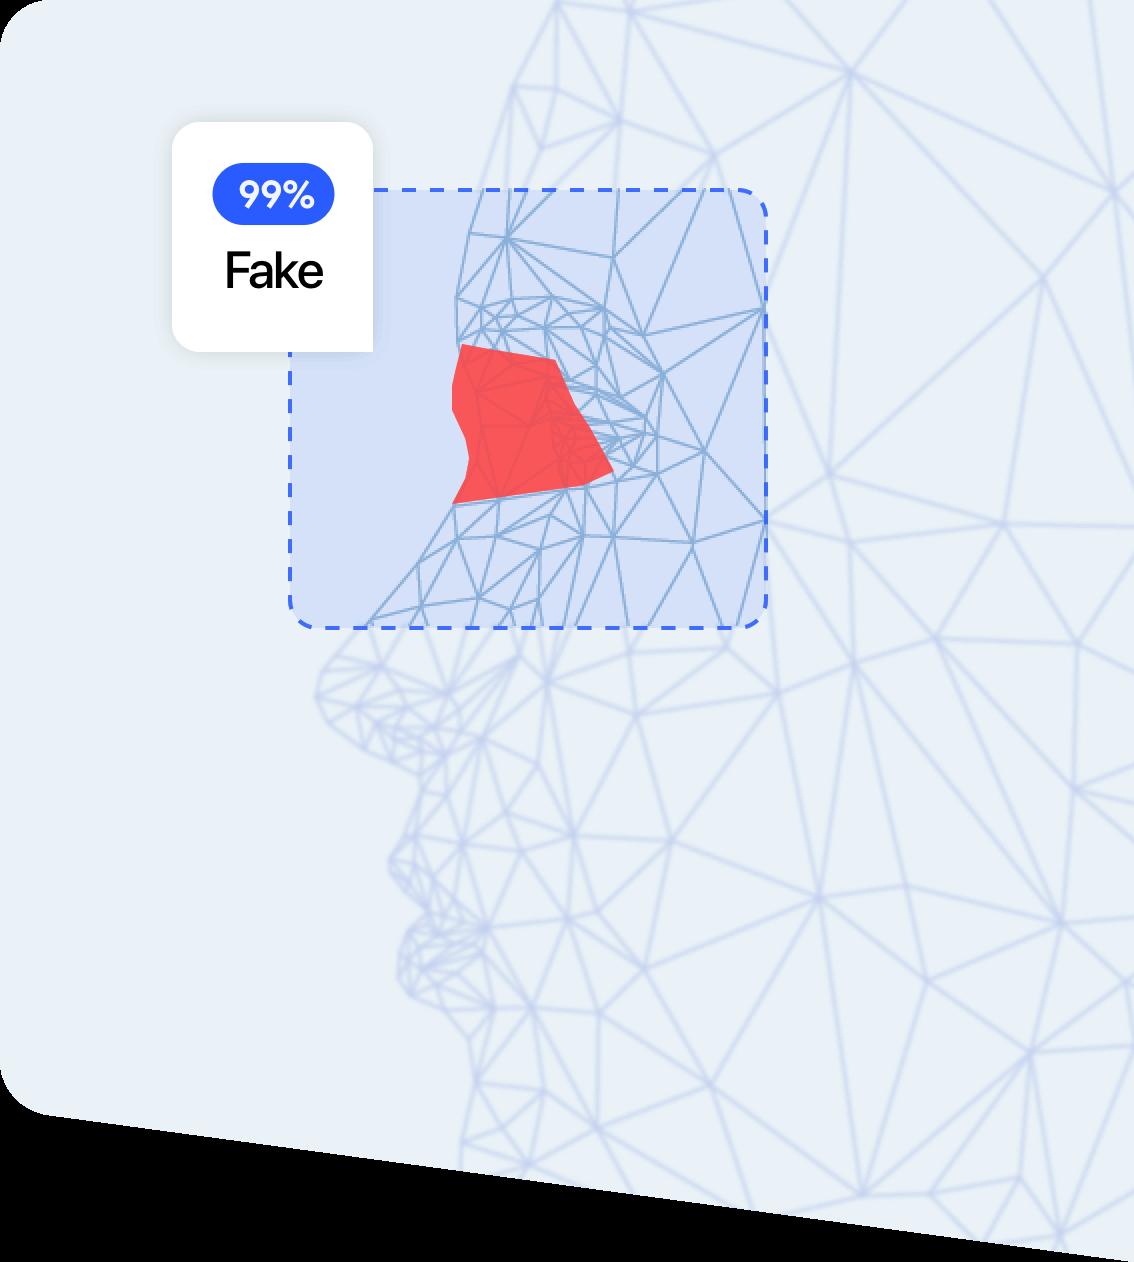 Detección de deepfake